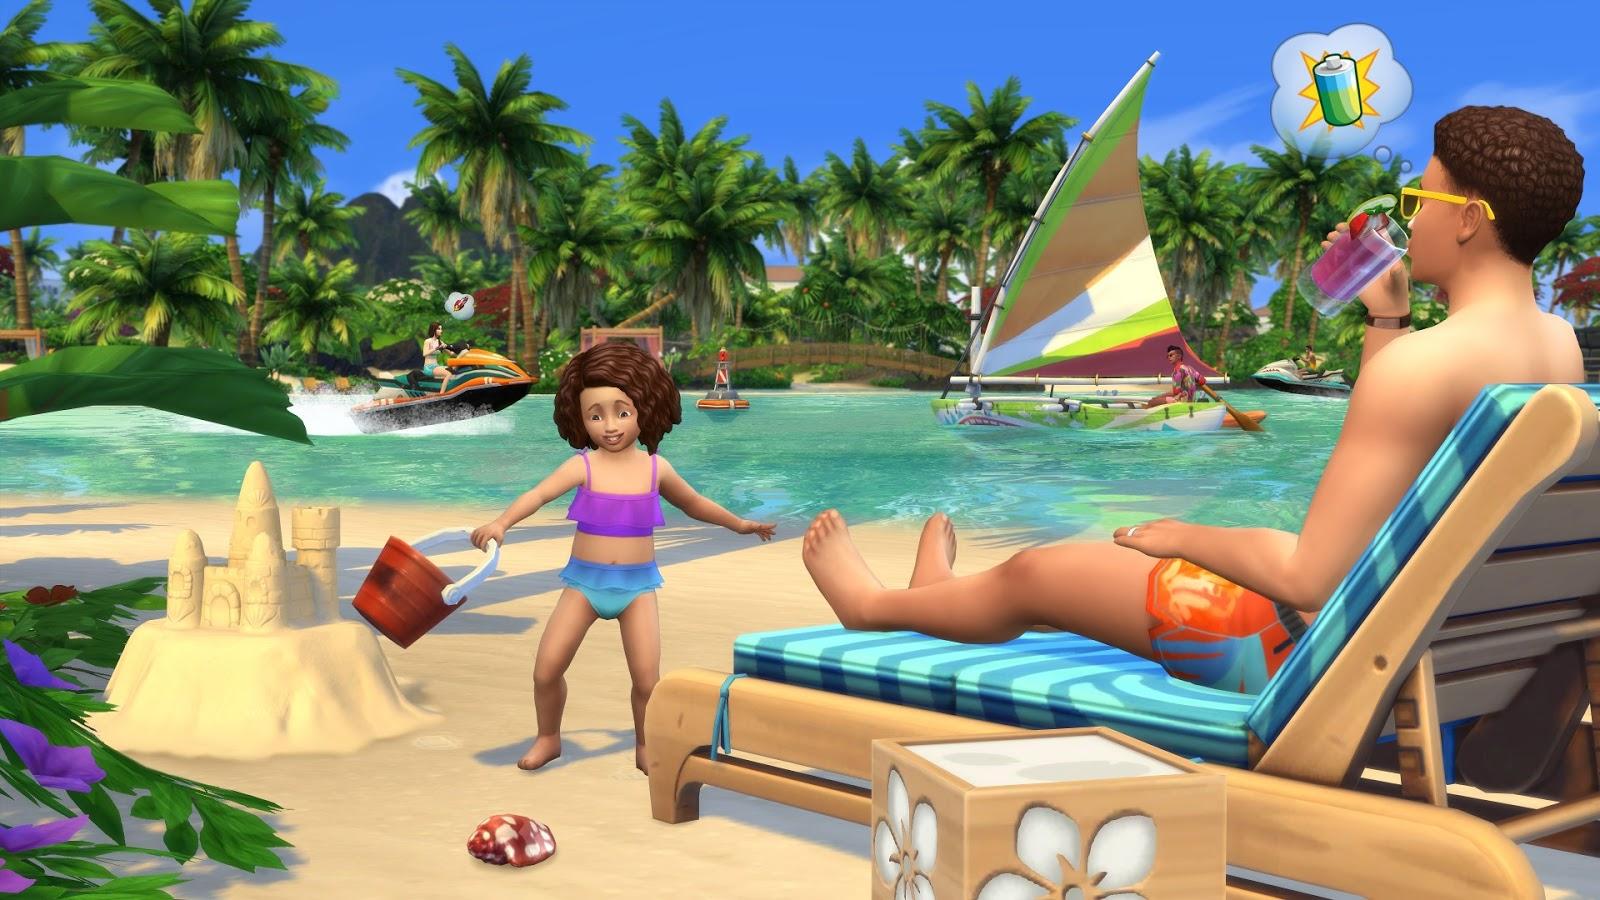 Los Sims 4 Vida Isleña PC ESPAÑOL (CODEX) 1